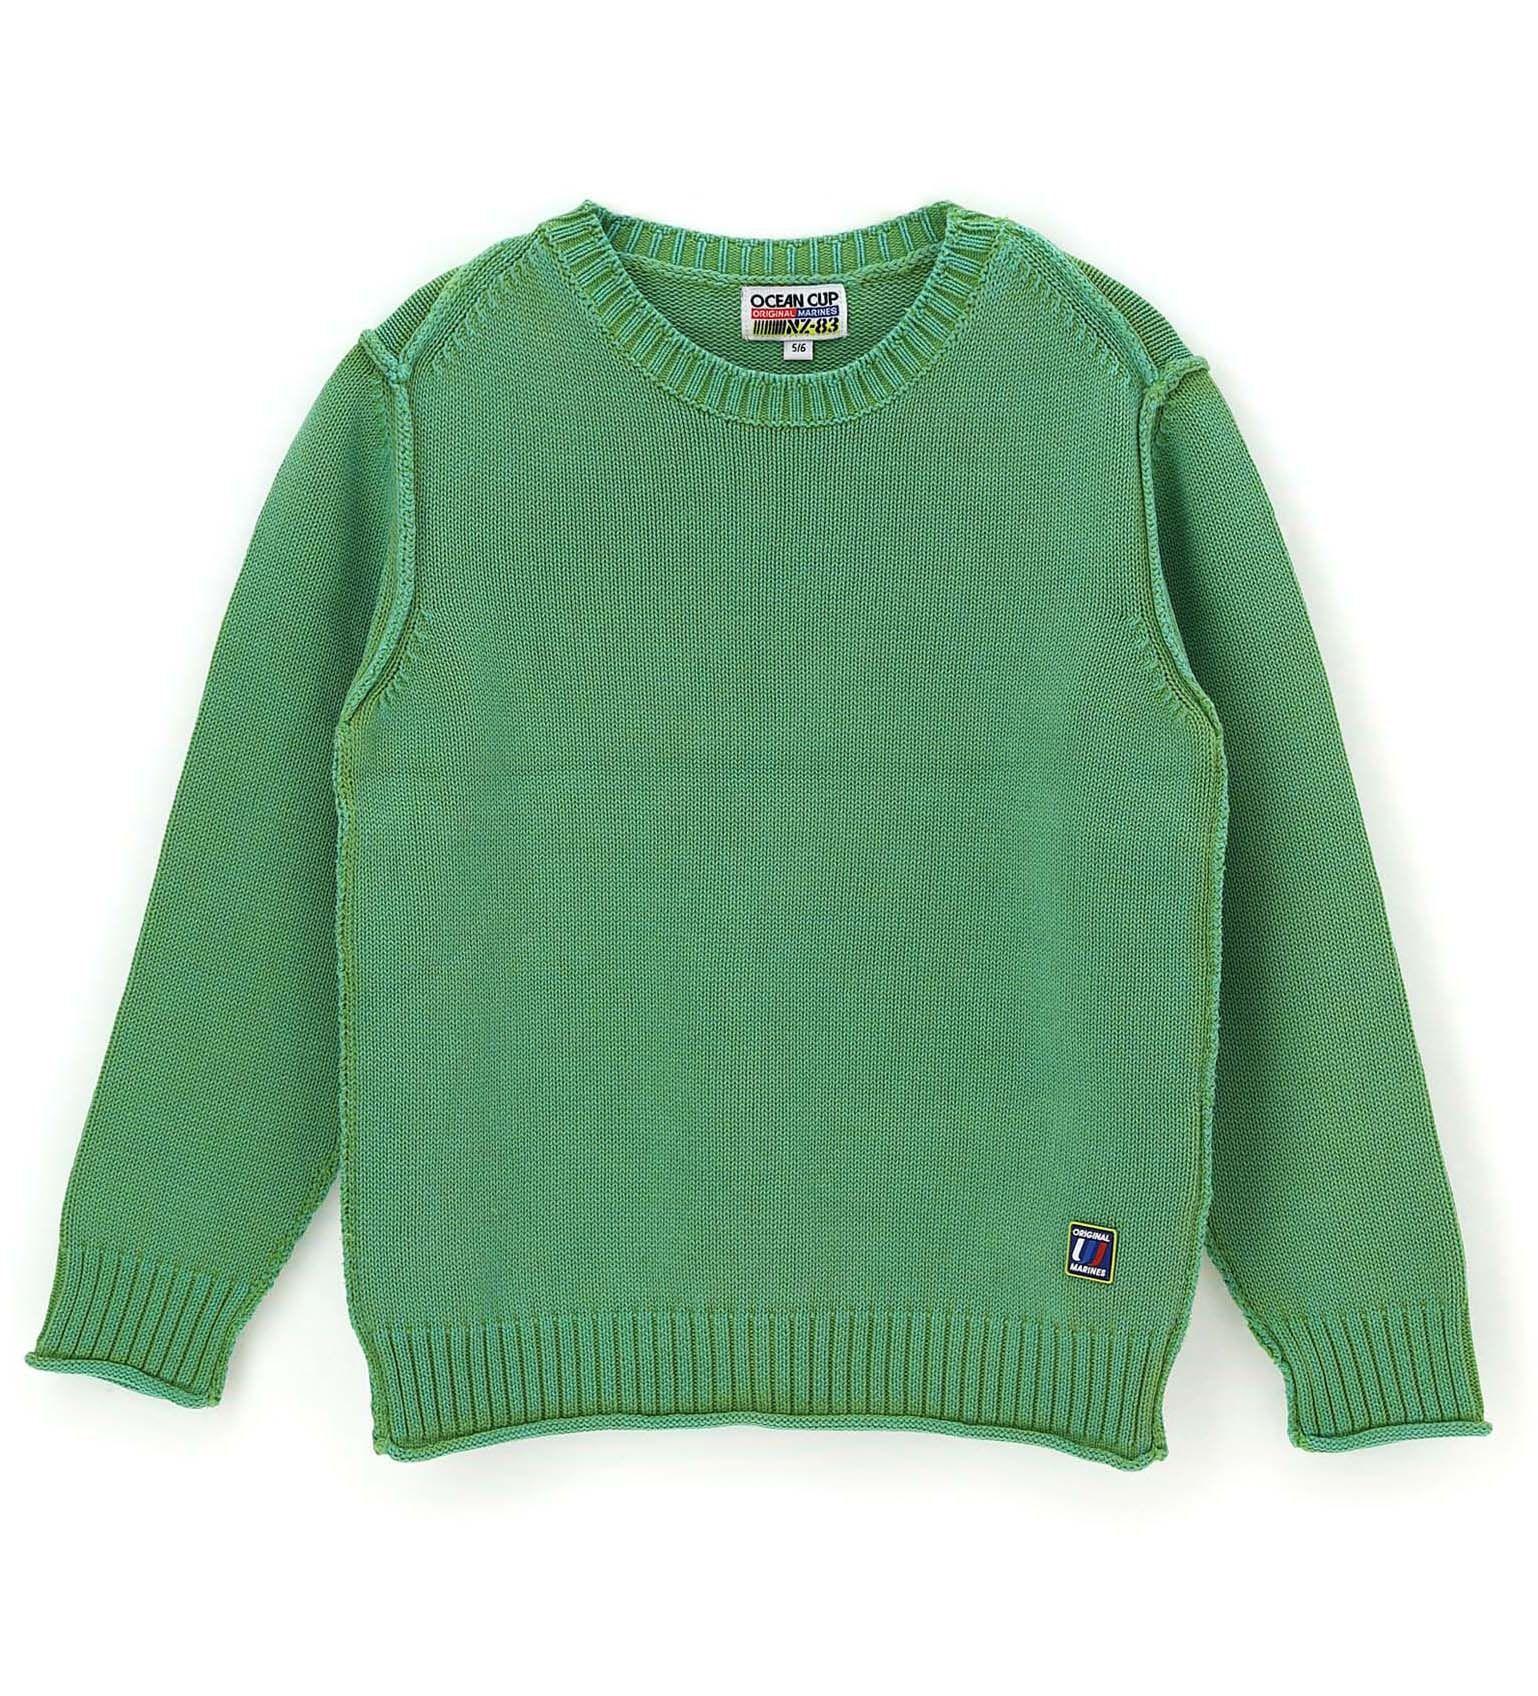 Купить Свитер Original Marines, зеленый, 140, Мальчики, весна